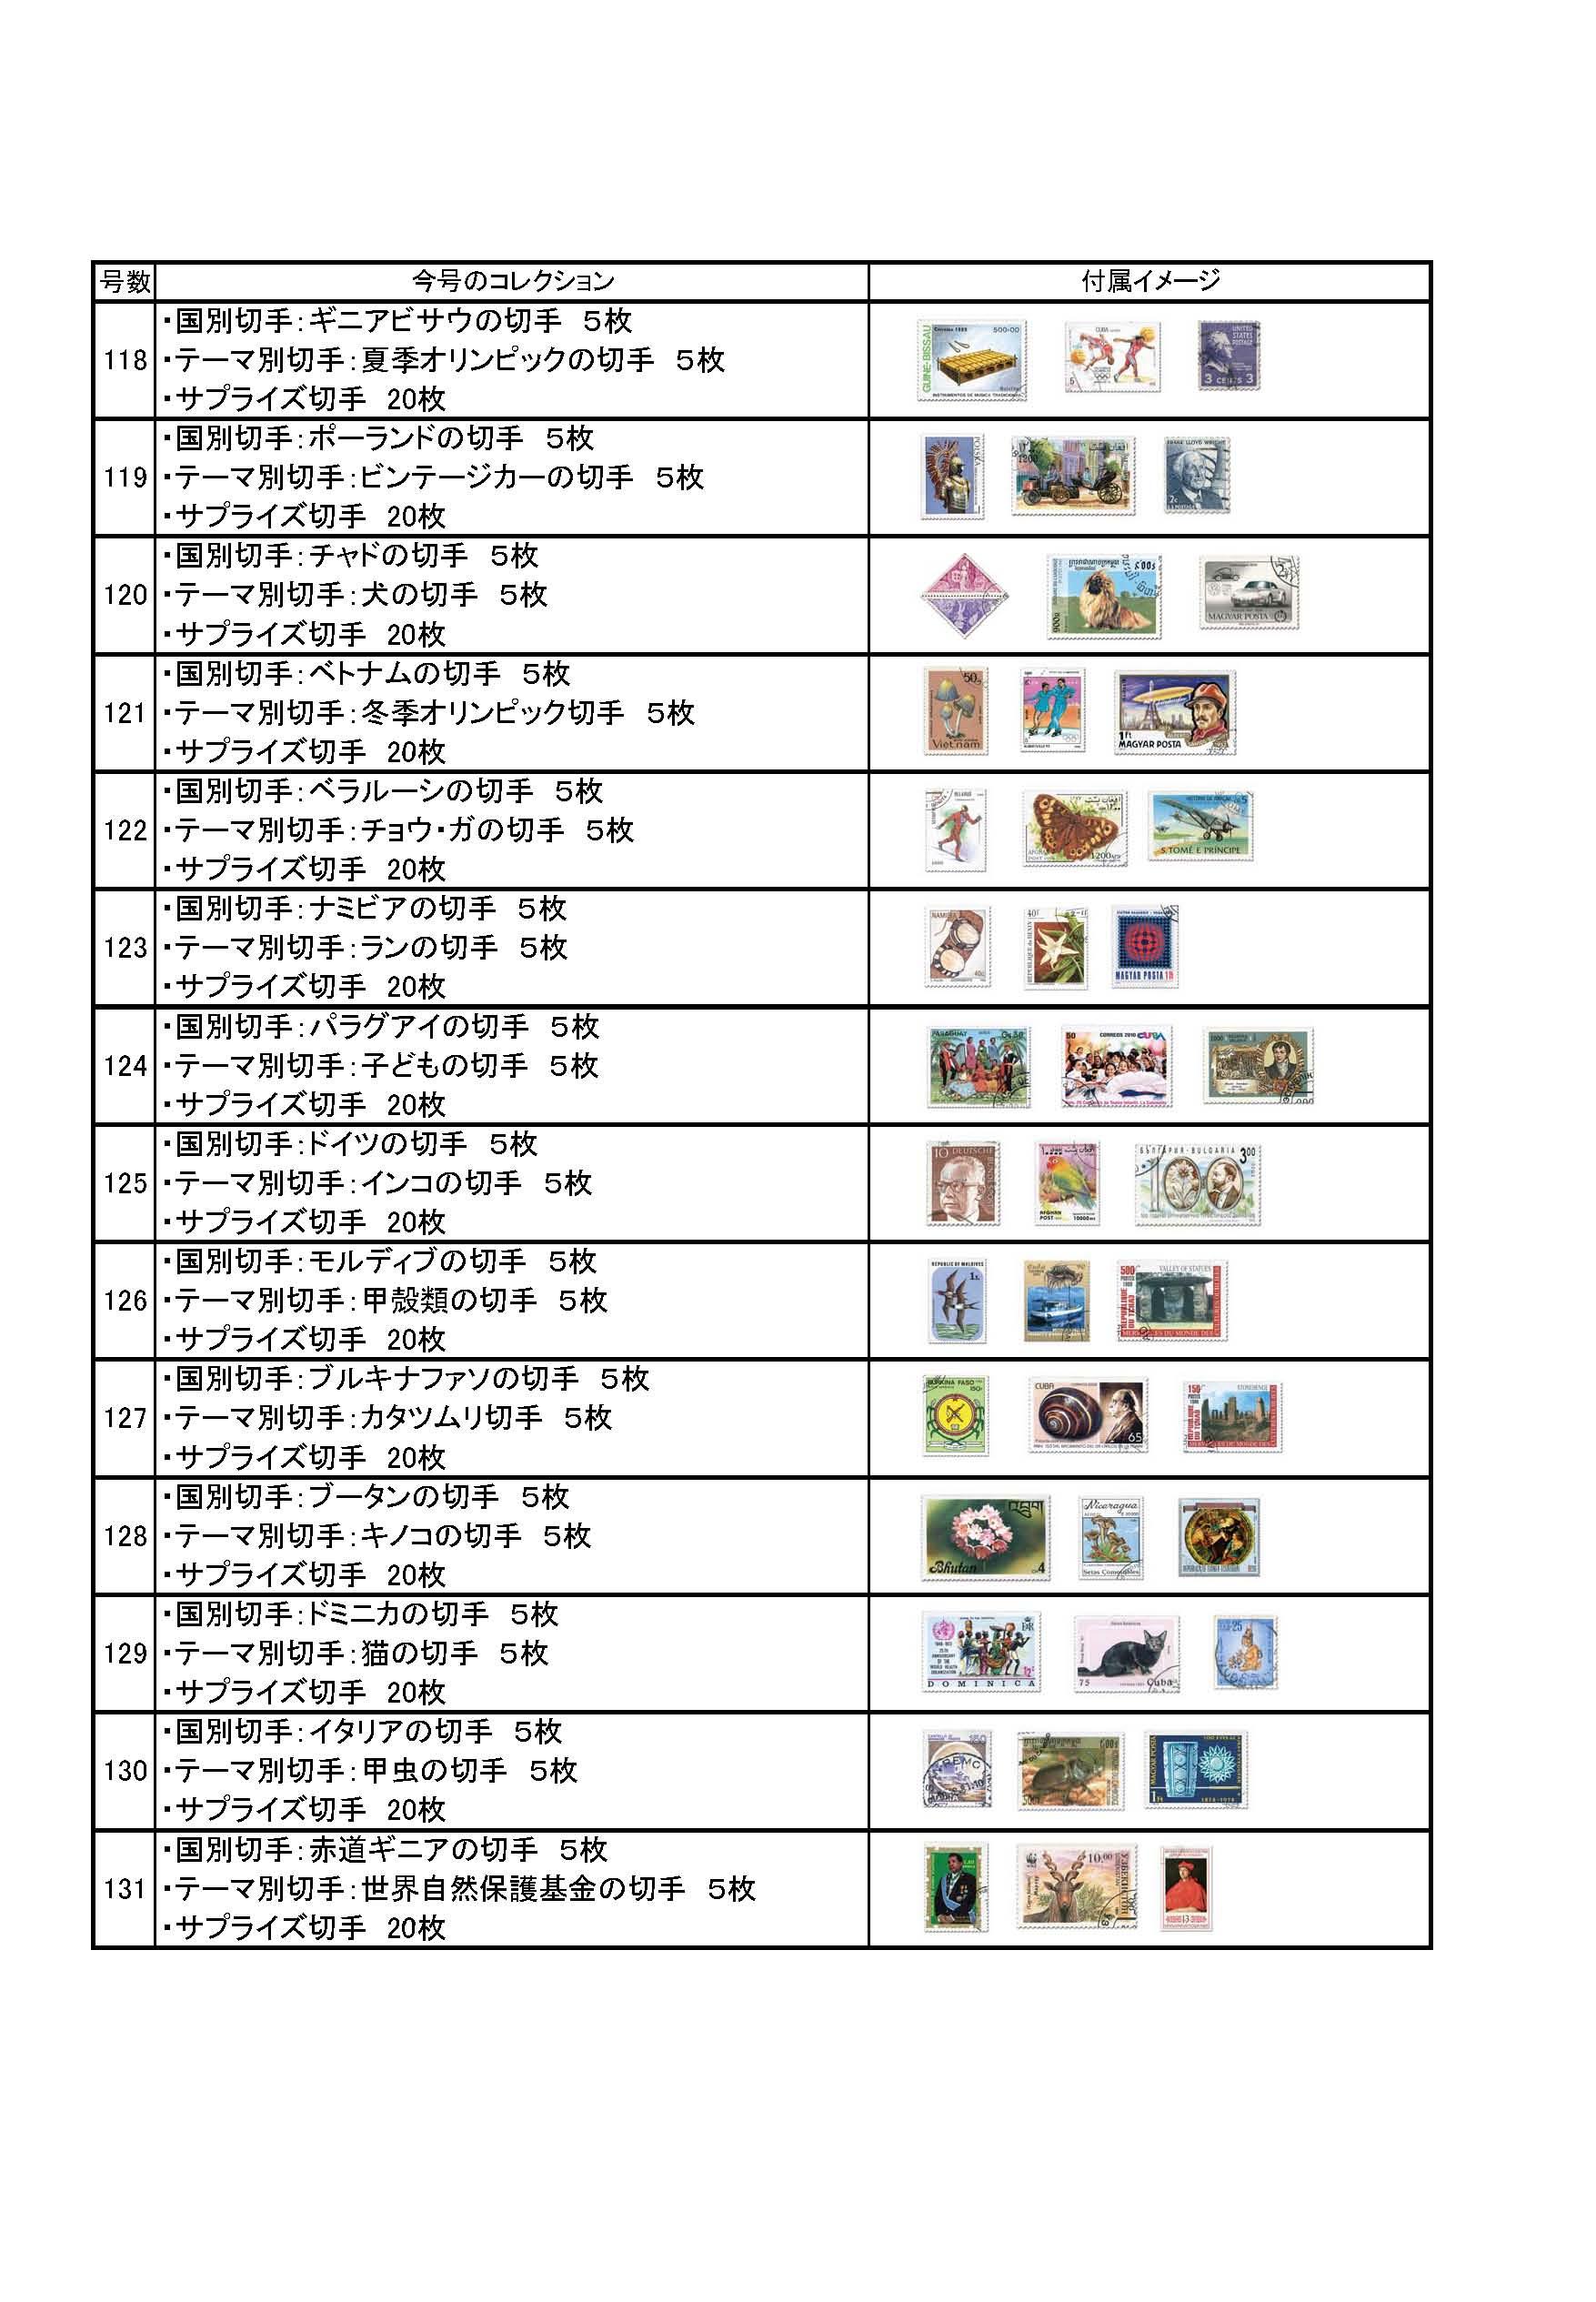 付属切手ラインナップ_20170817 (1)_ページ_09.jpg